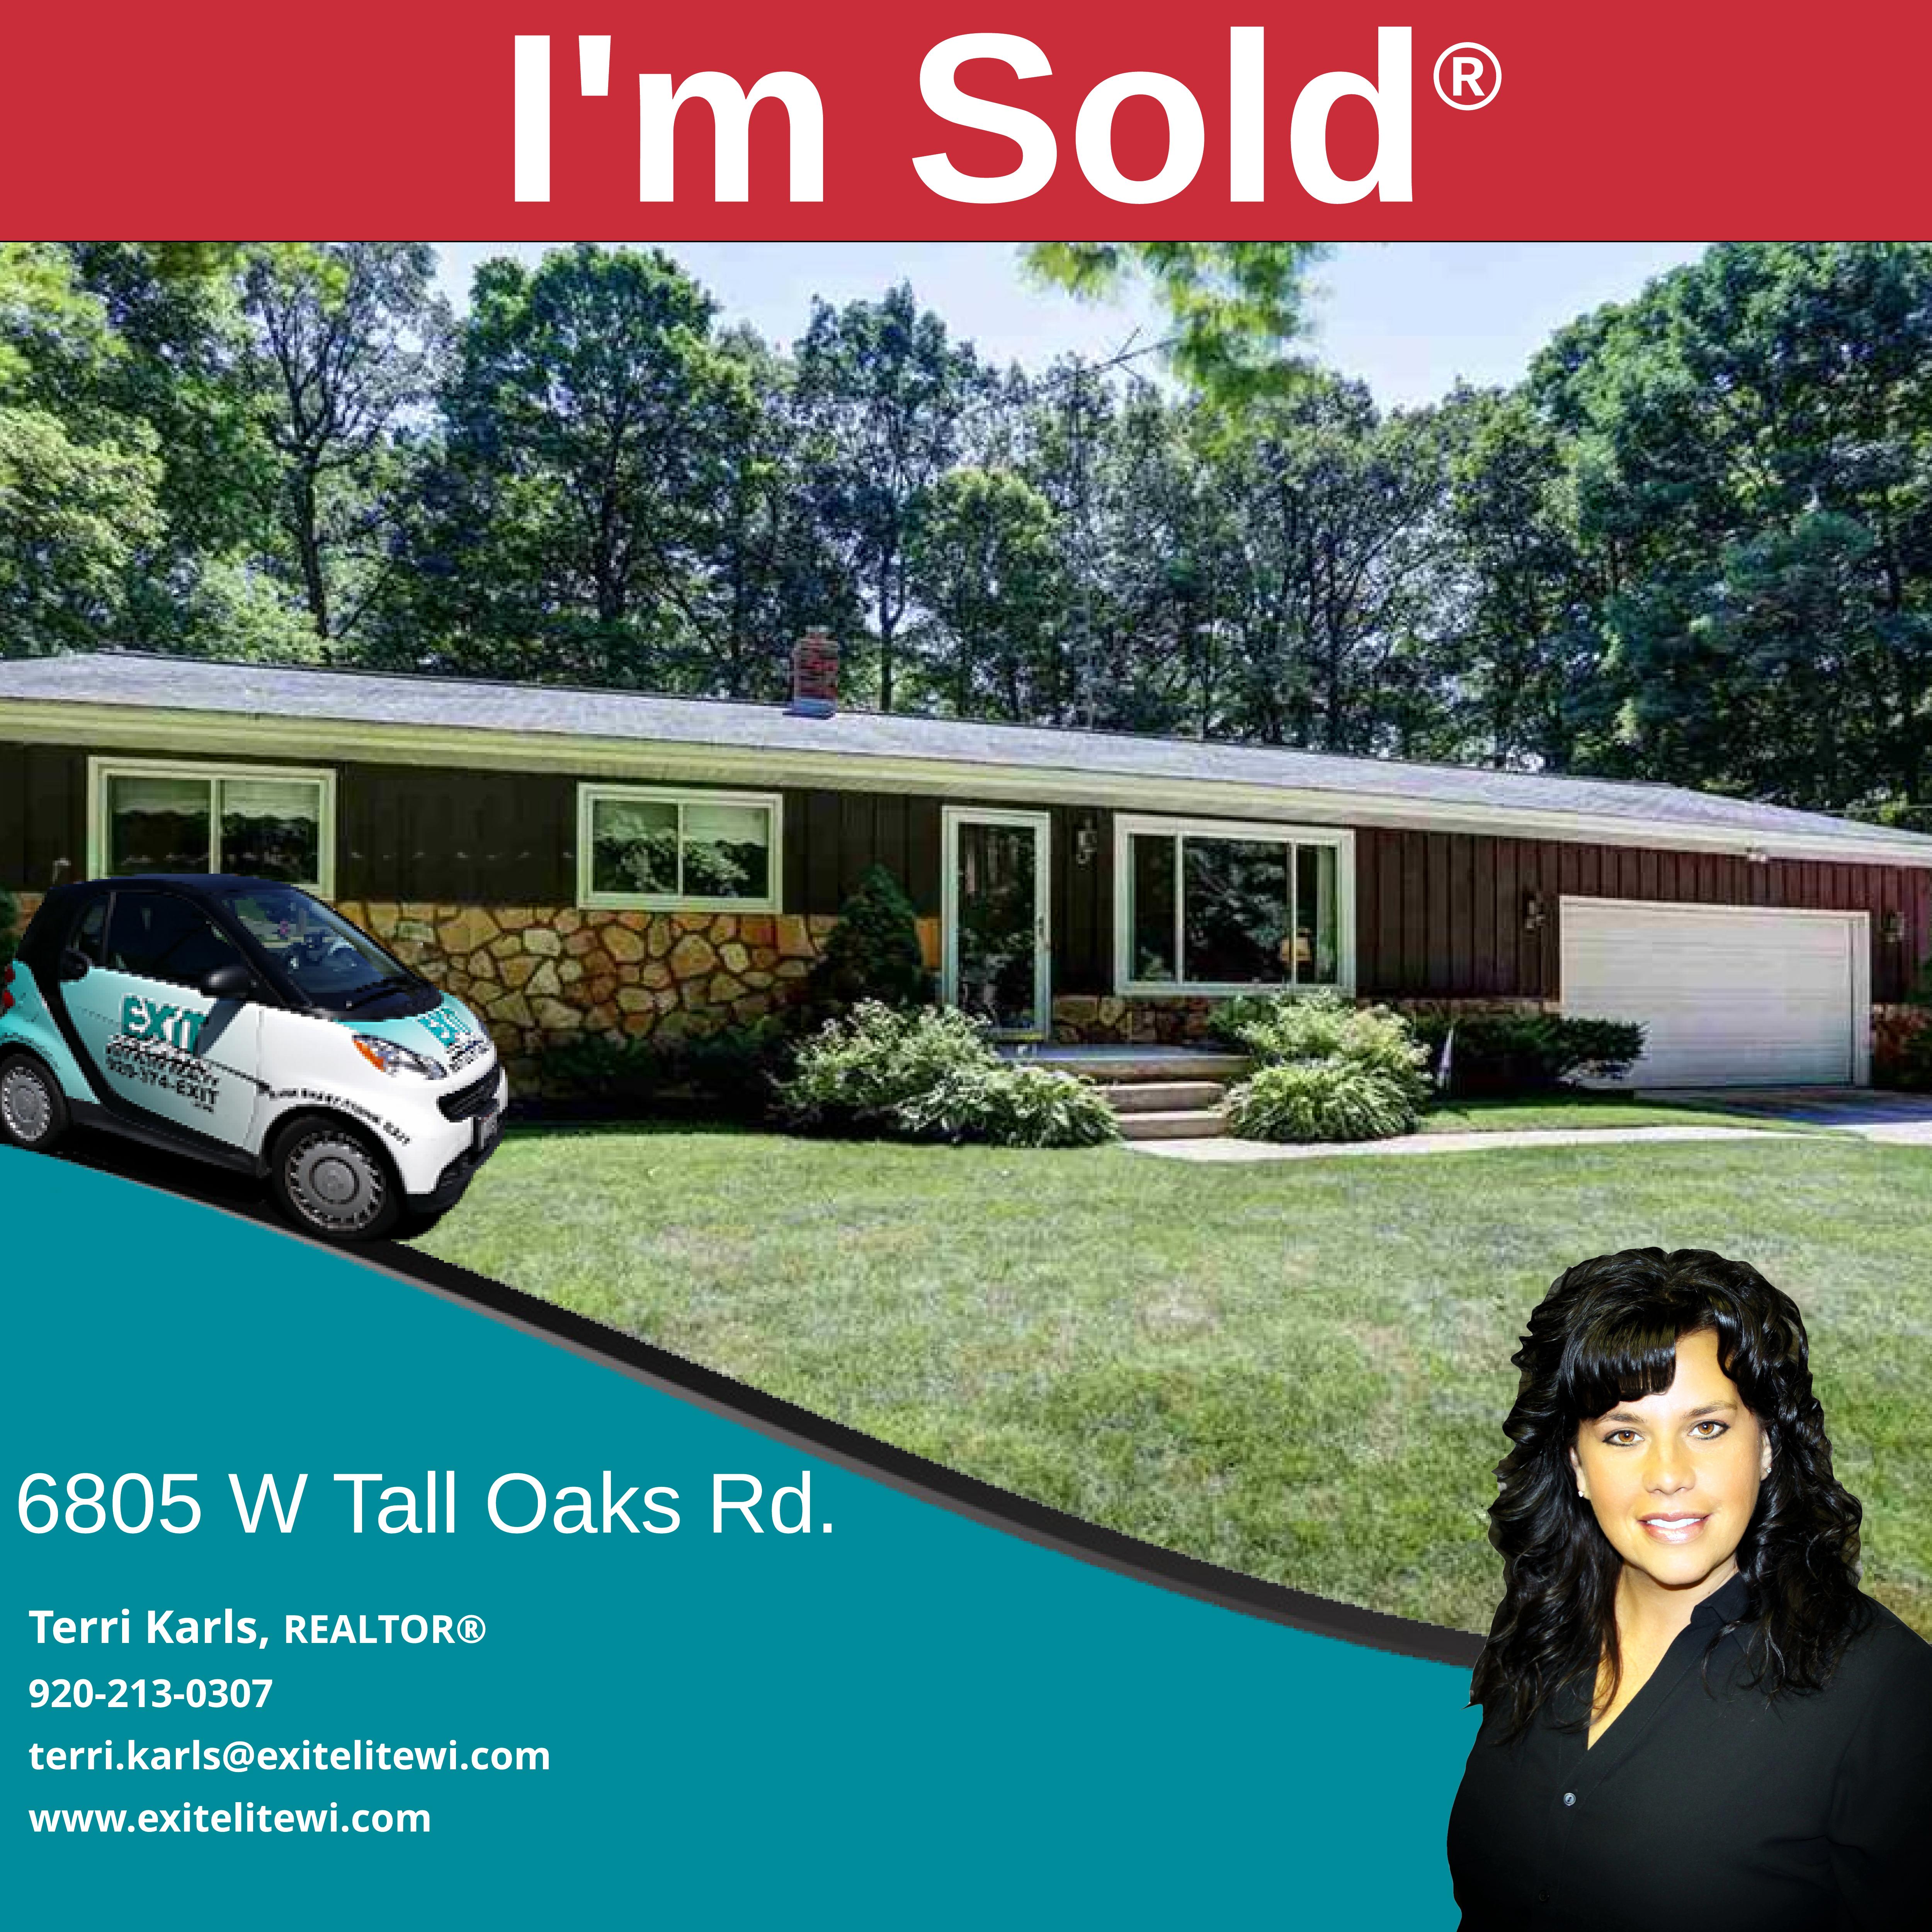 6805 W Tall Oaks